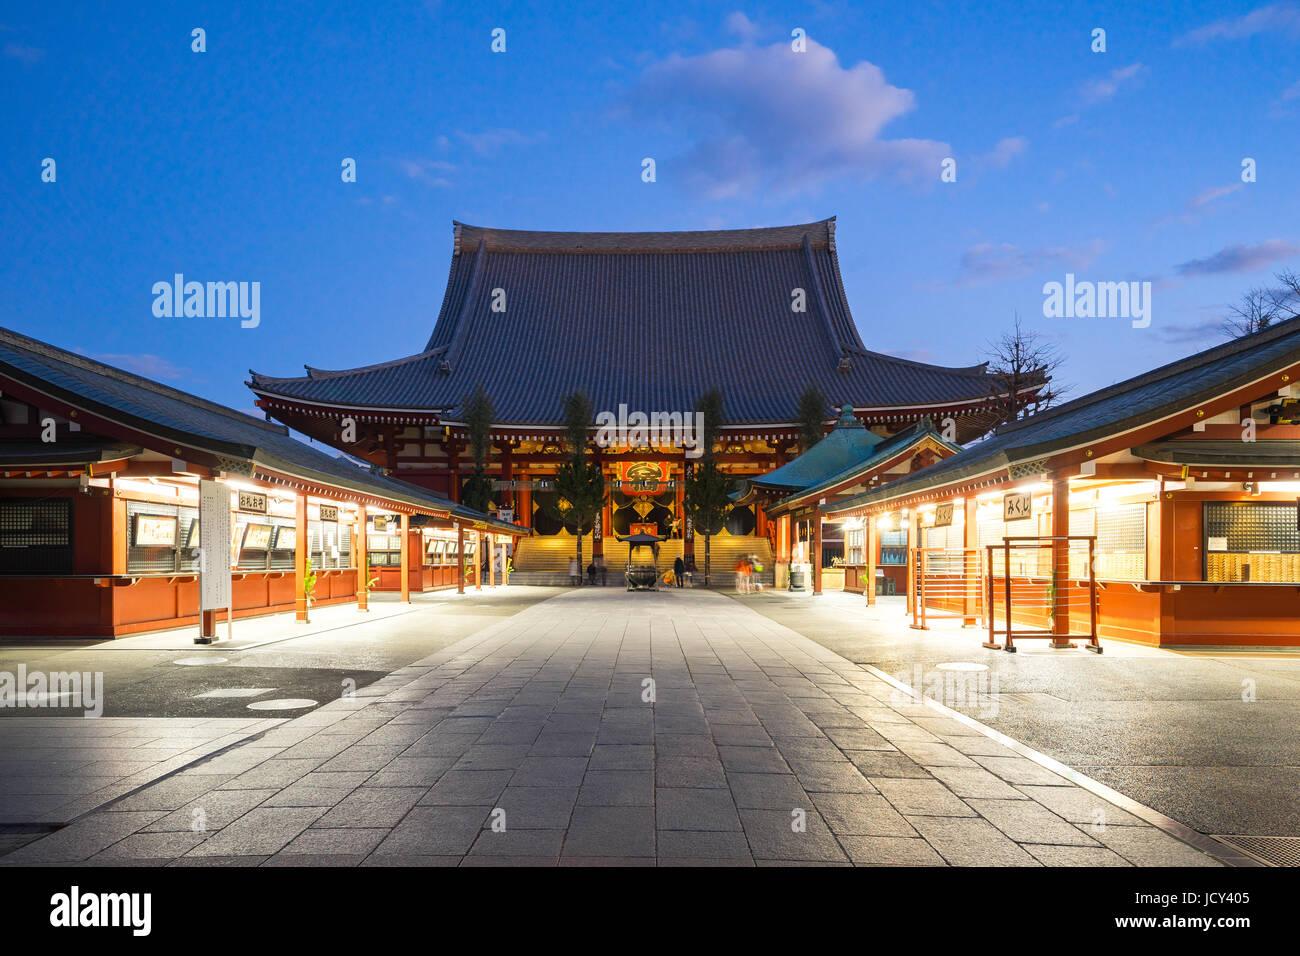 Tokyo, Japan - 31. Dezember 2016: Sensoji ist ein buddhistischer Tempel in Asakusa gelegen. Es ist einer der buntesten Stockbild